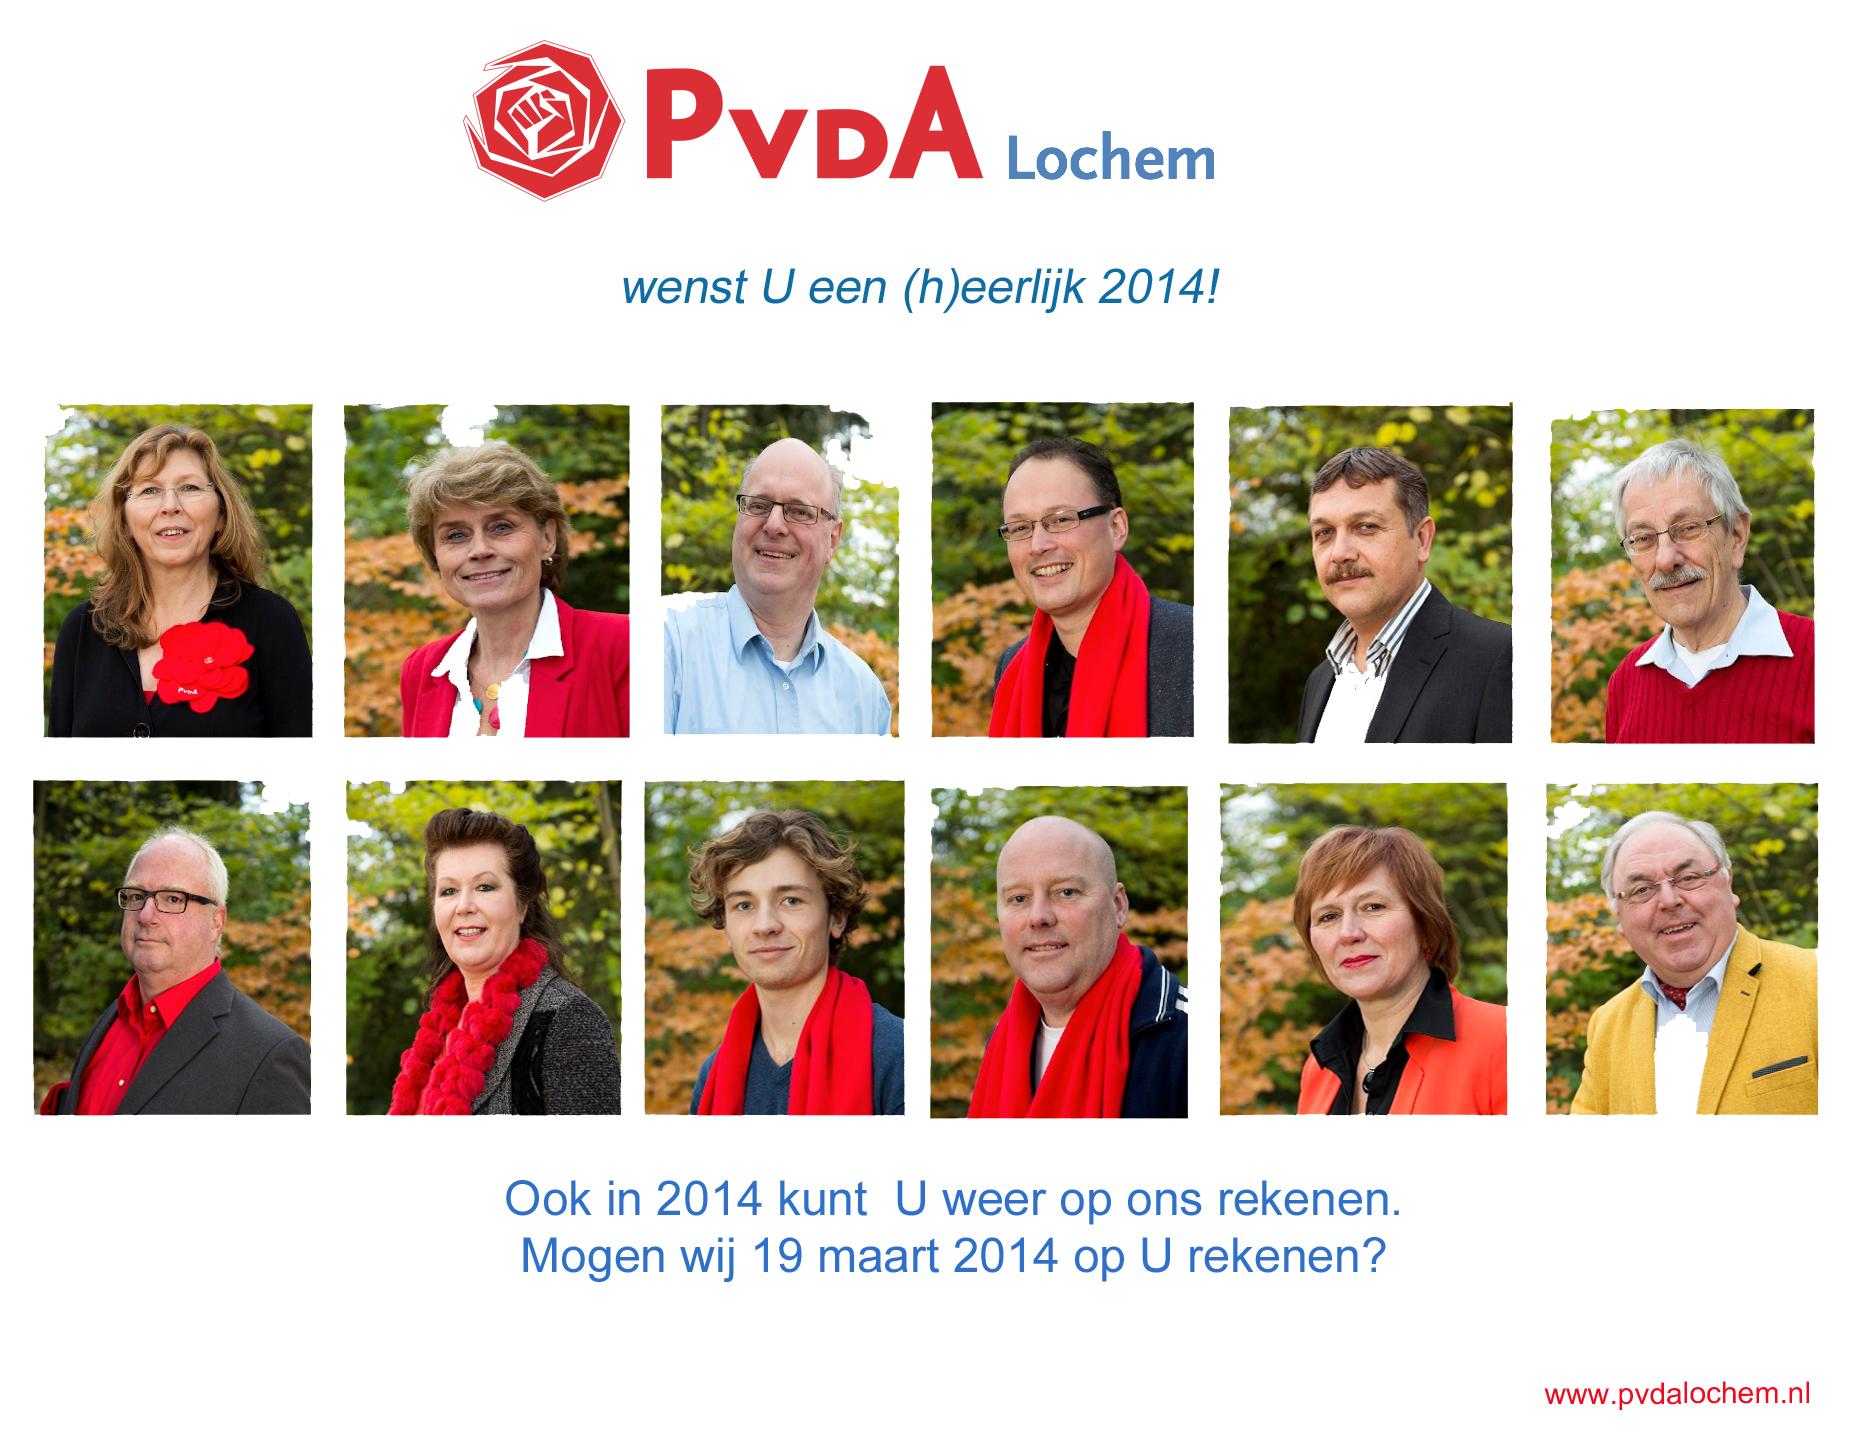 Nieuwjaarskaart PvdA 2014